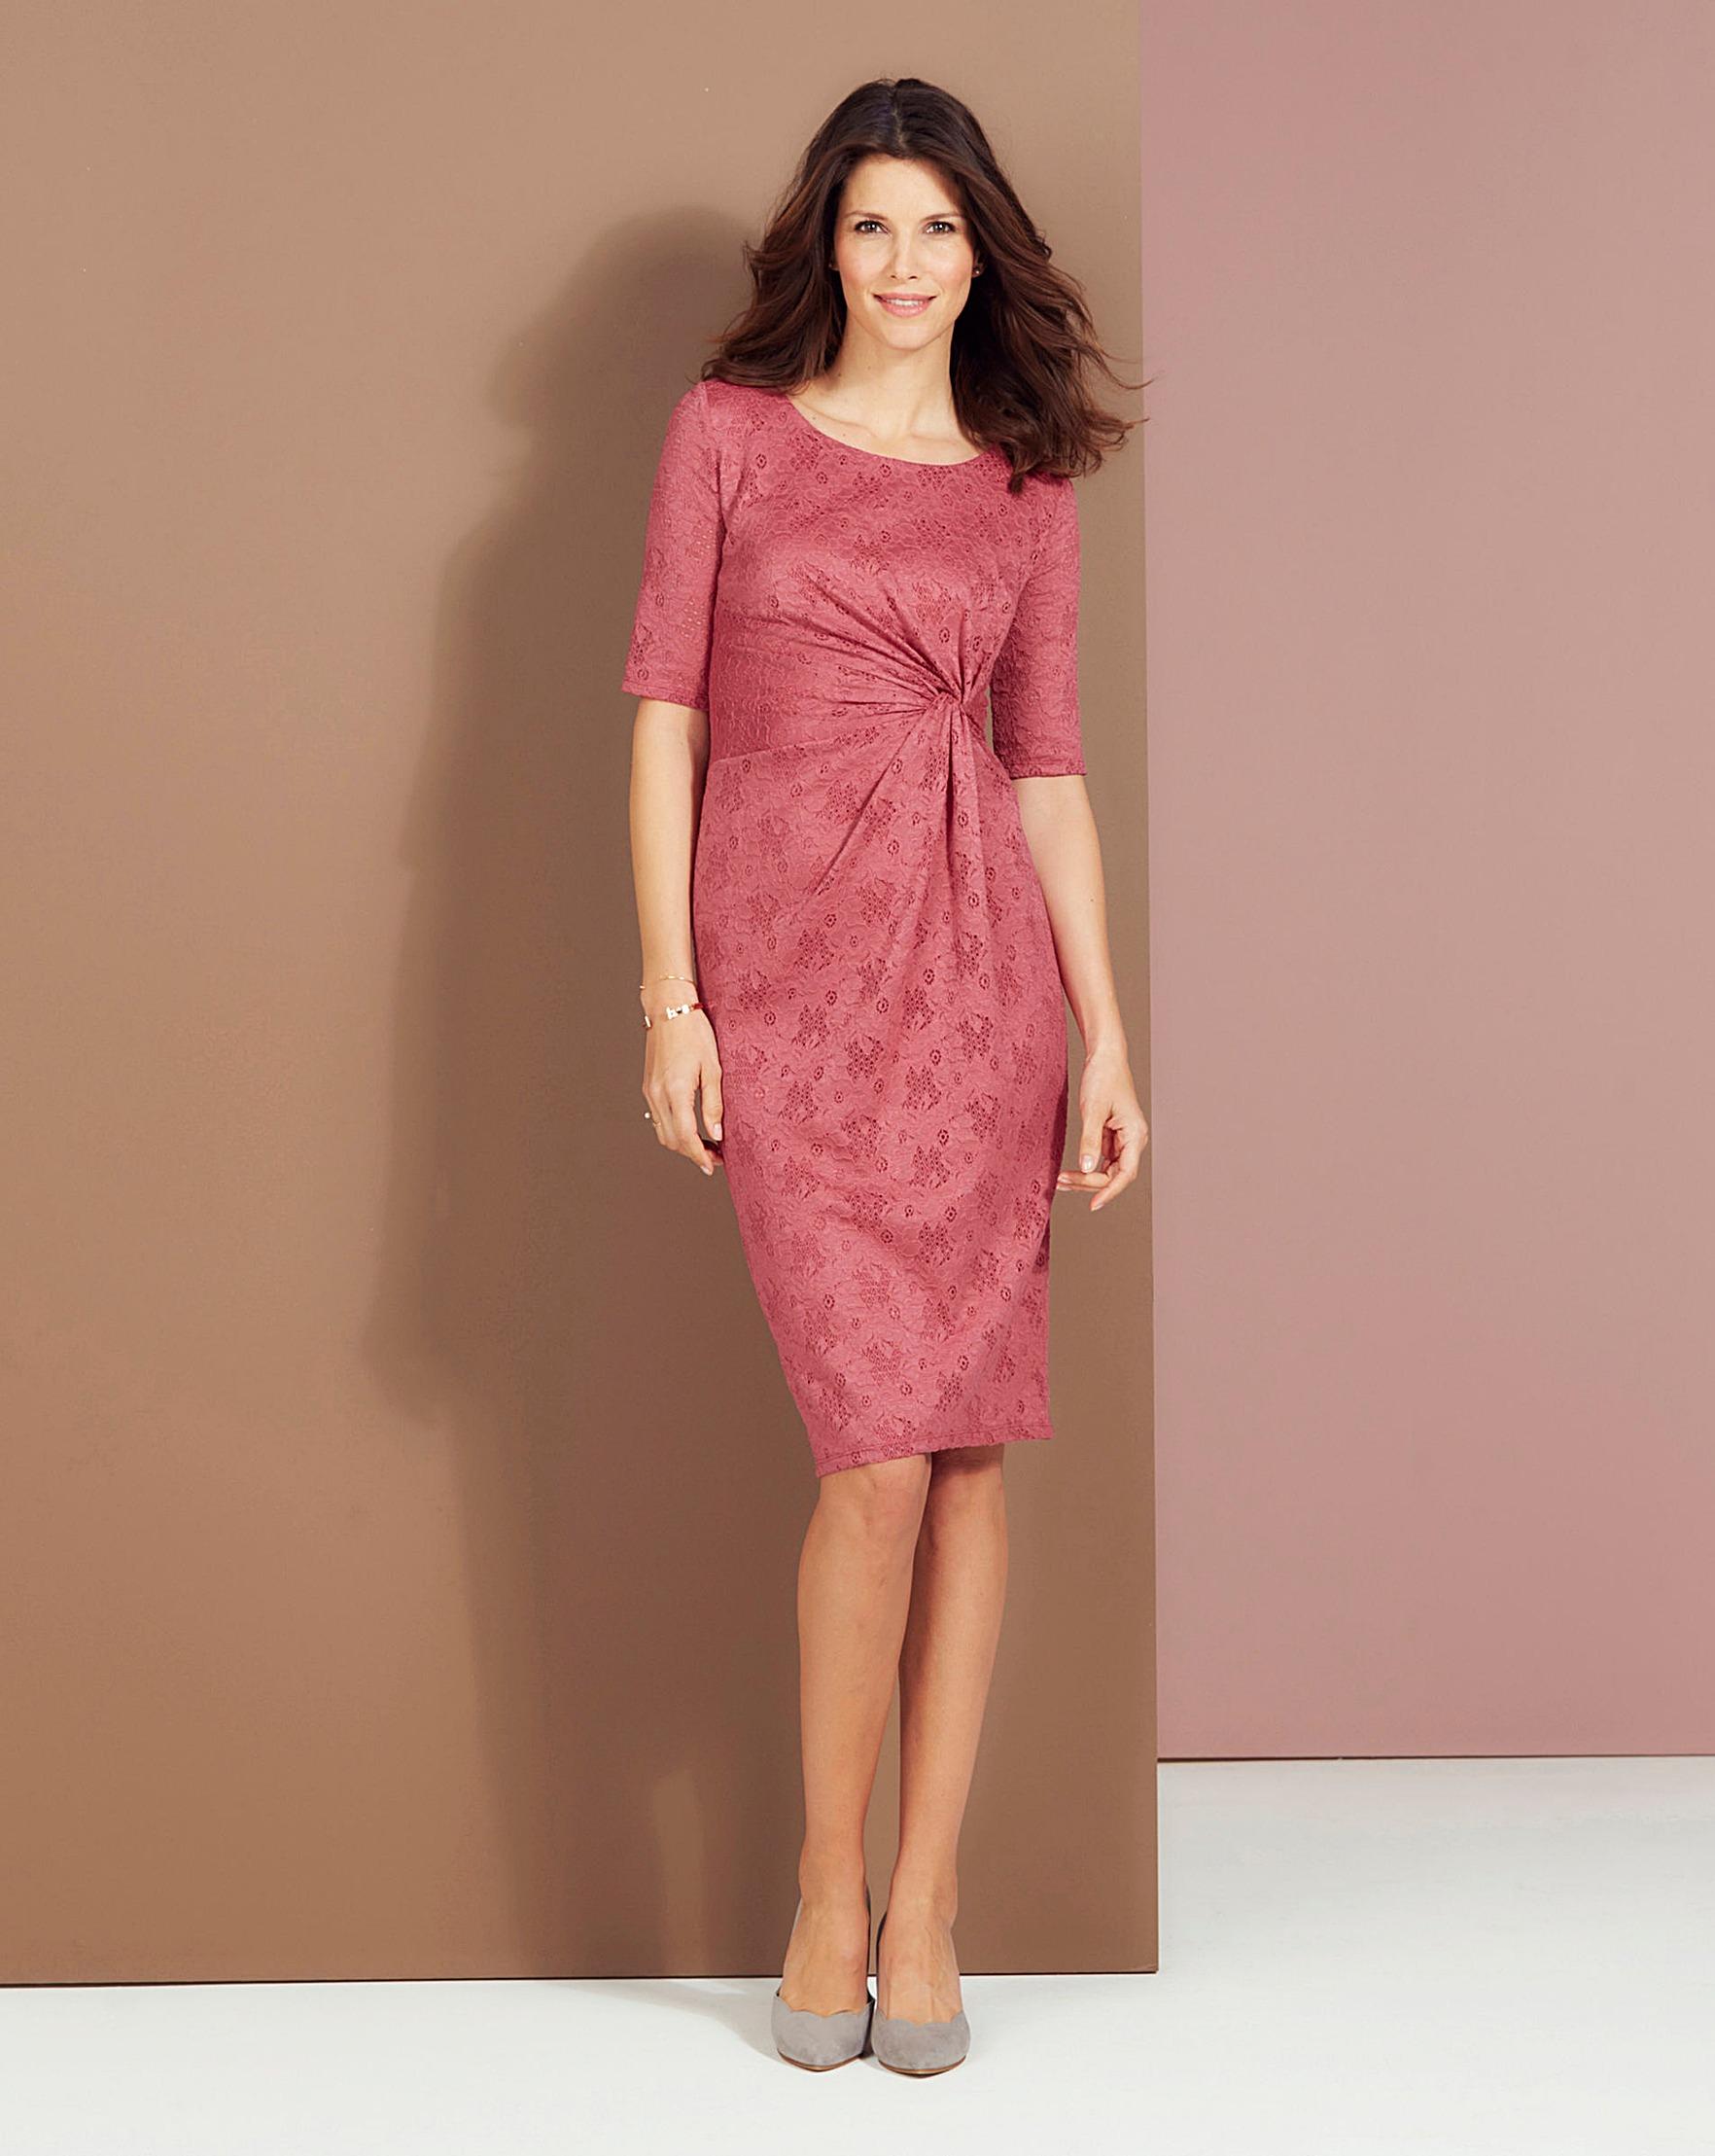 Excelente Jasper Conran Wedding Dresses Regalo - Ideas de Vestido ...